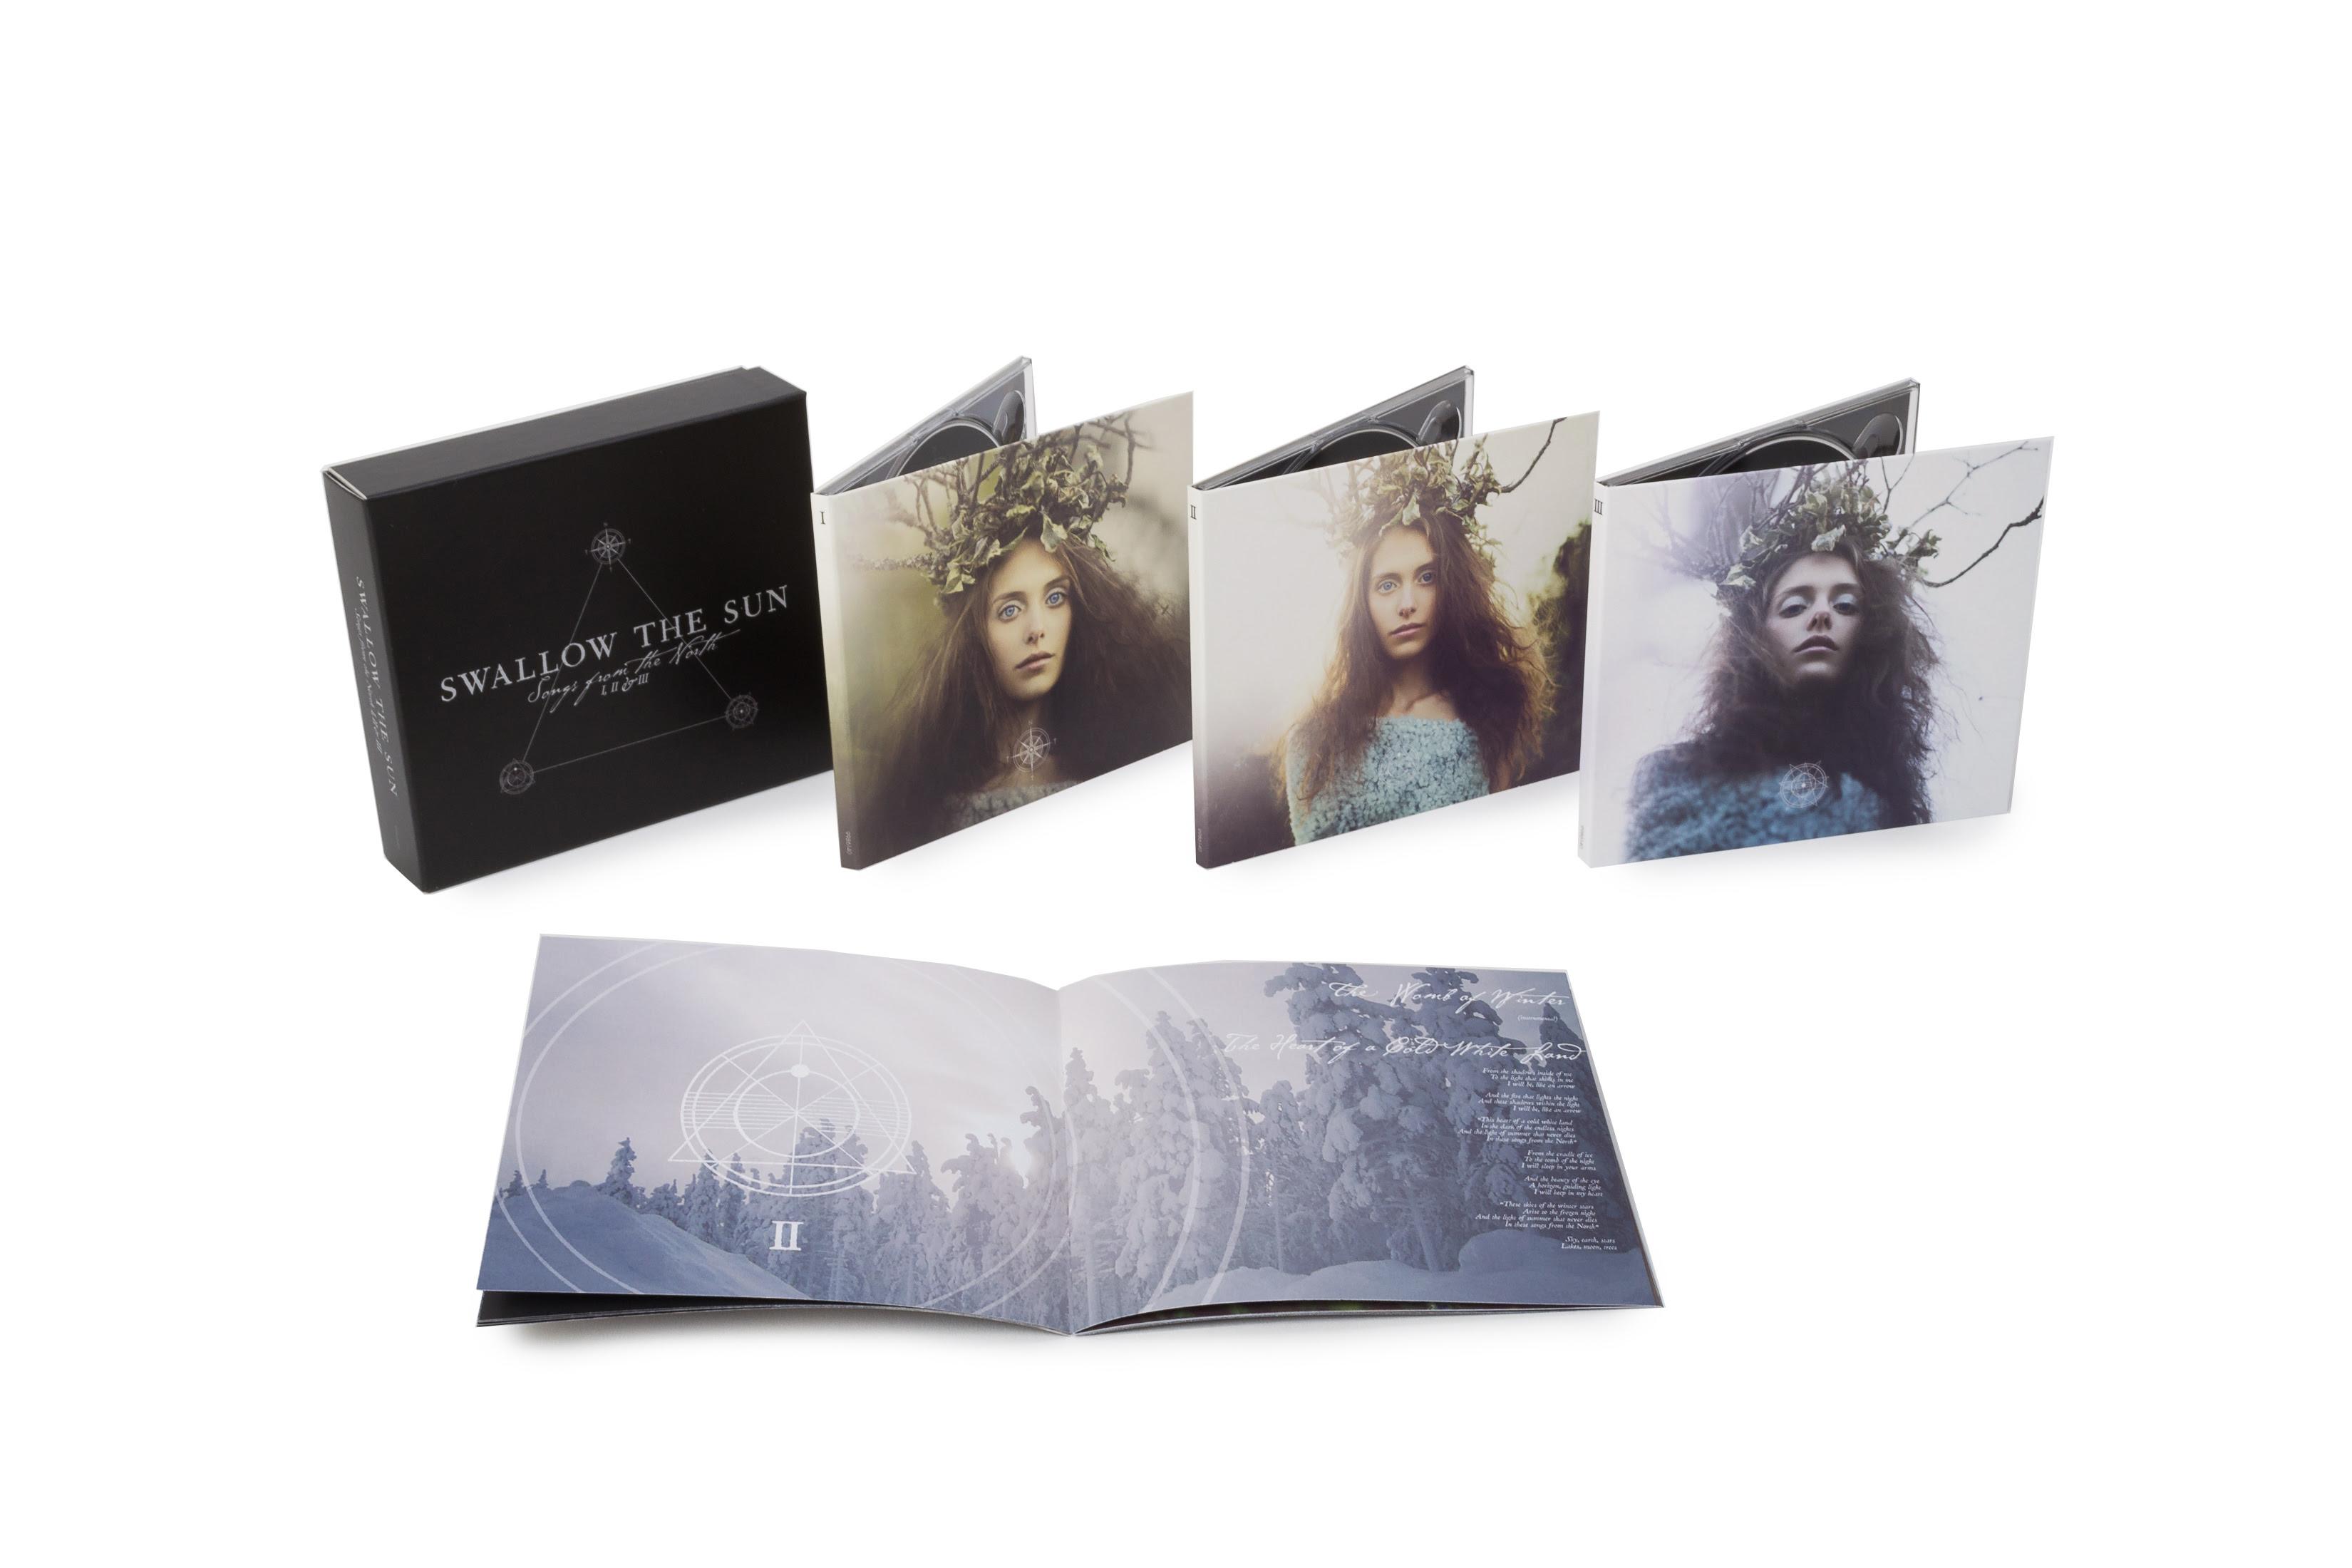 Century Media presenta una Edición Limitada de ULVER con 4 CD de «TROLSK SORTMETALL 1993-1997»